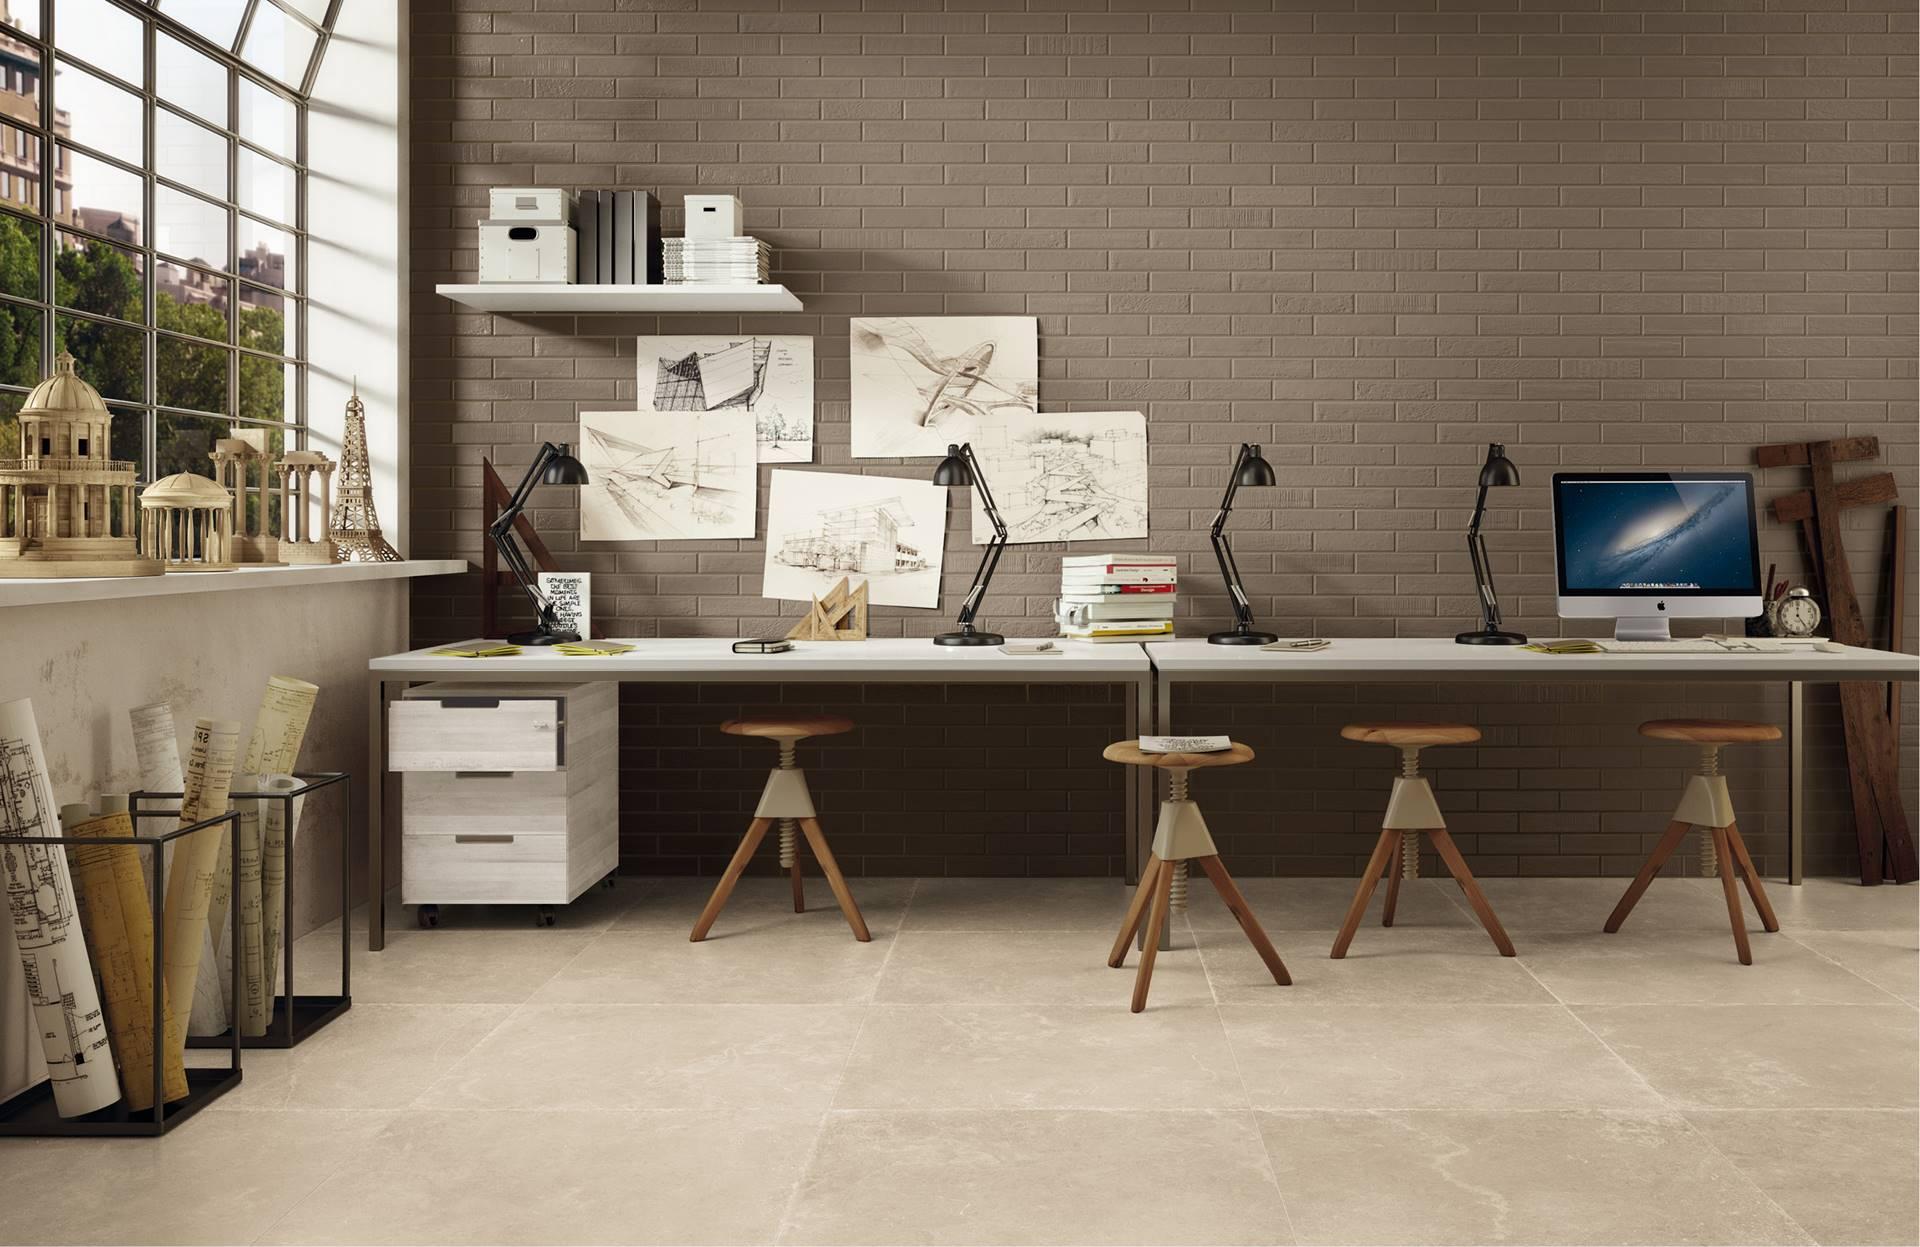 Emil-Brick-Design-8